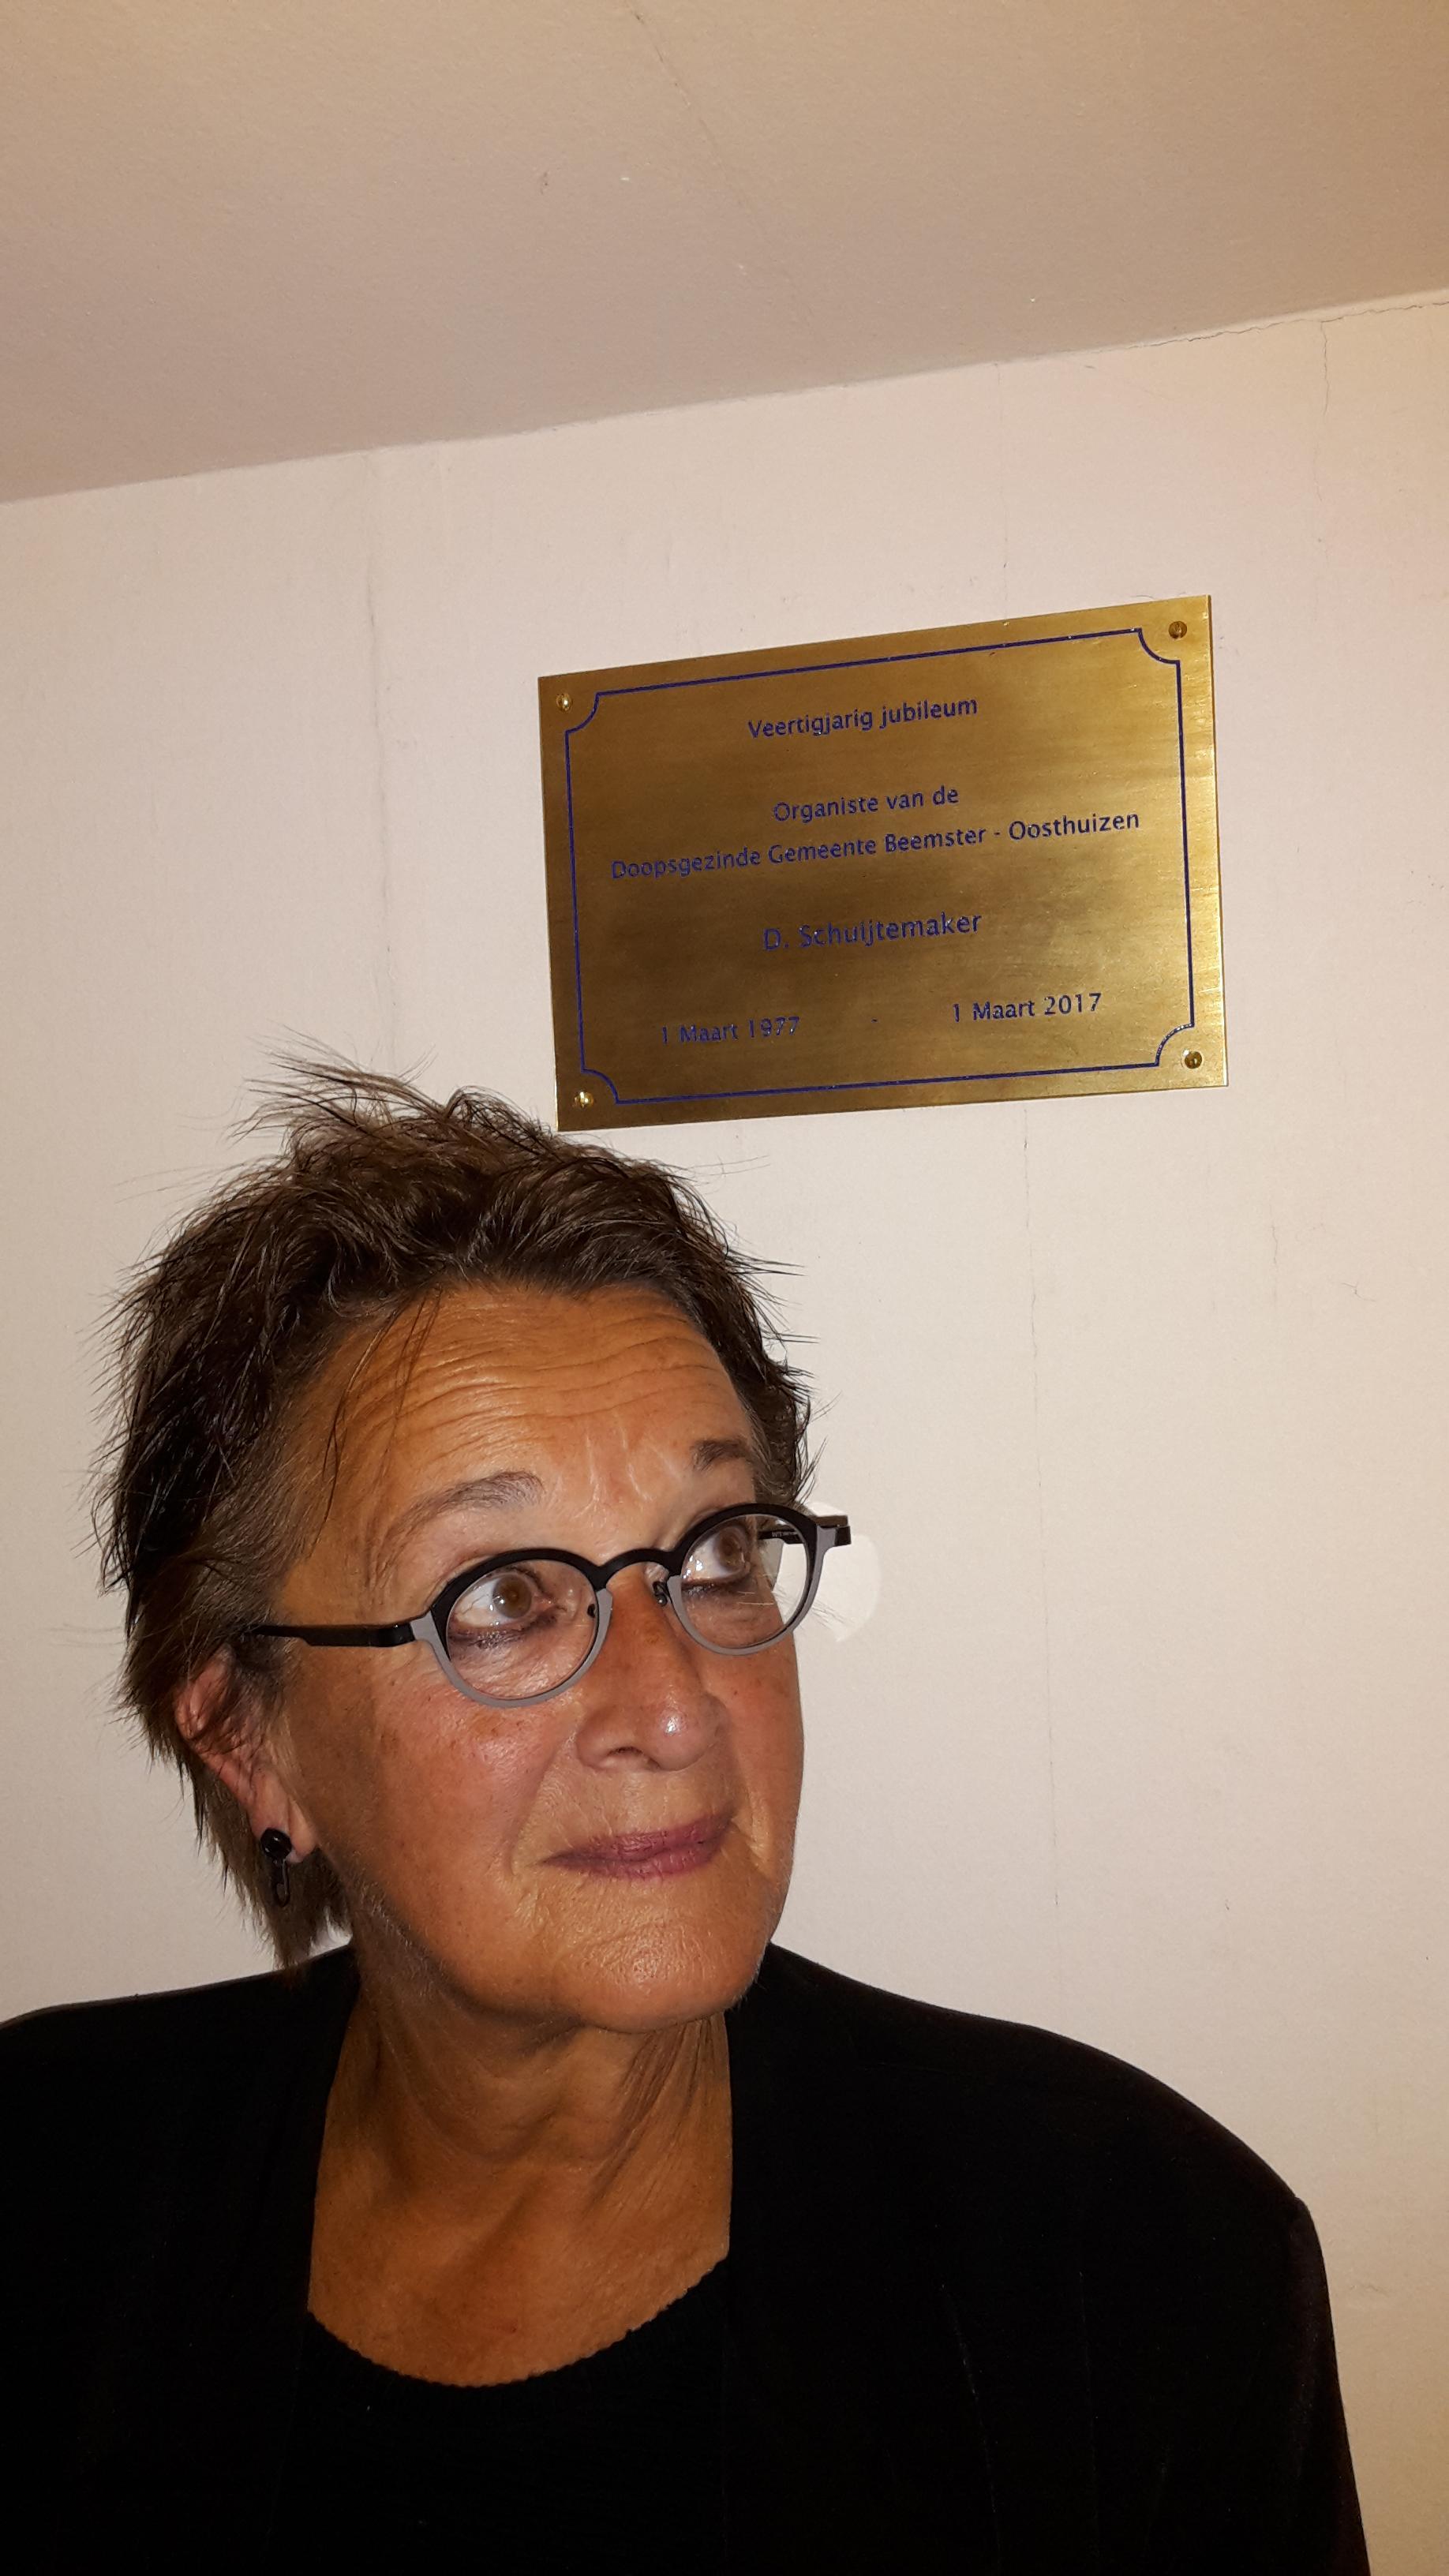 Dieuw Schuijtemaker 40 jaar onze organist